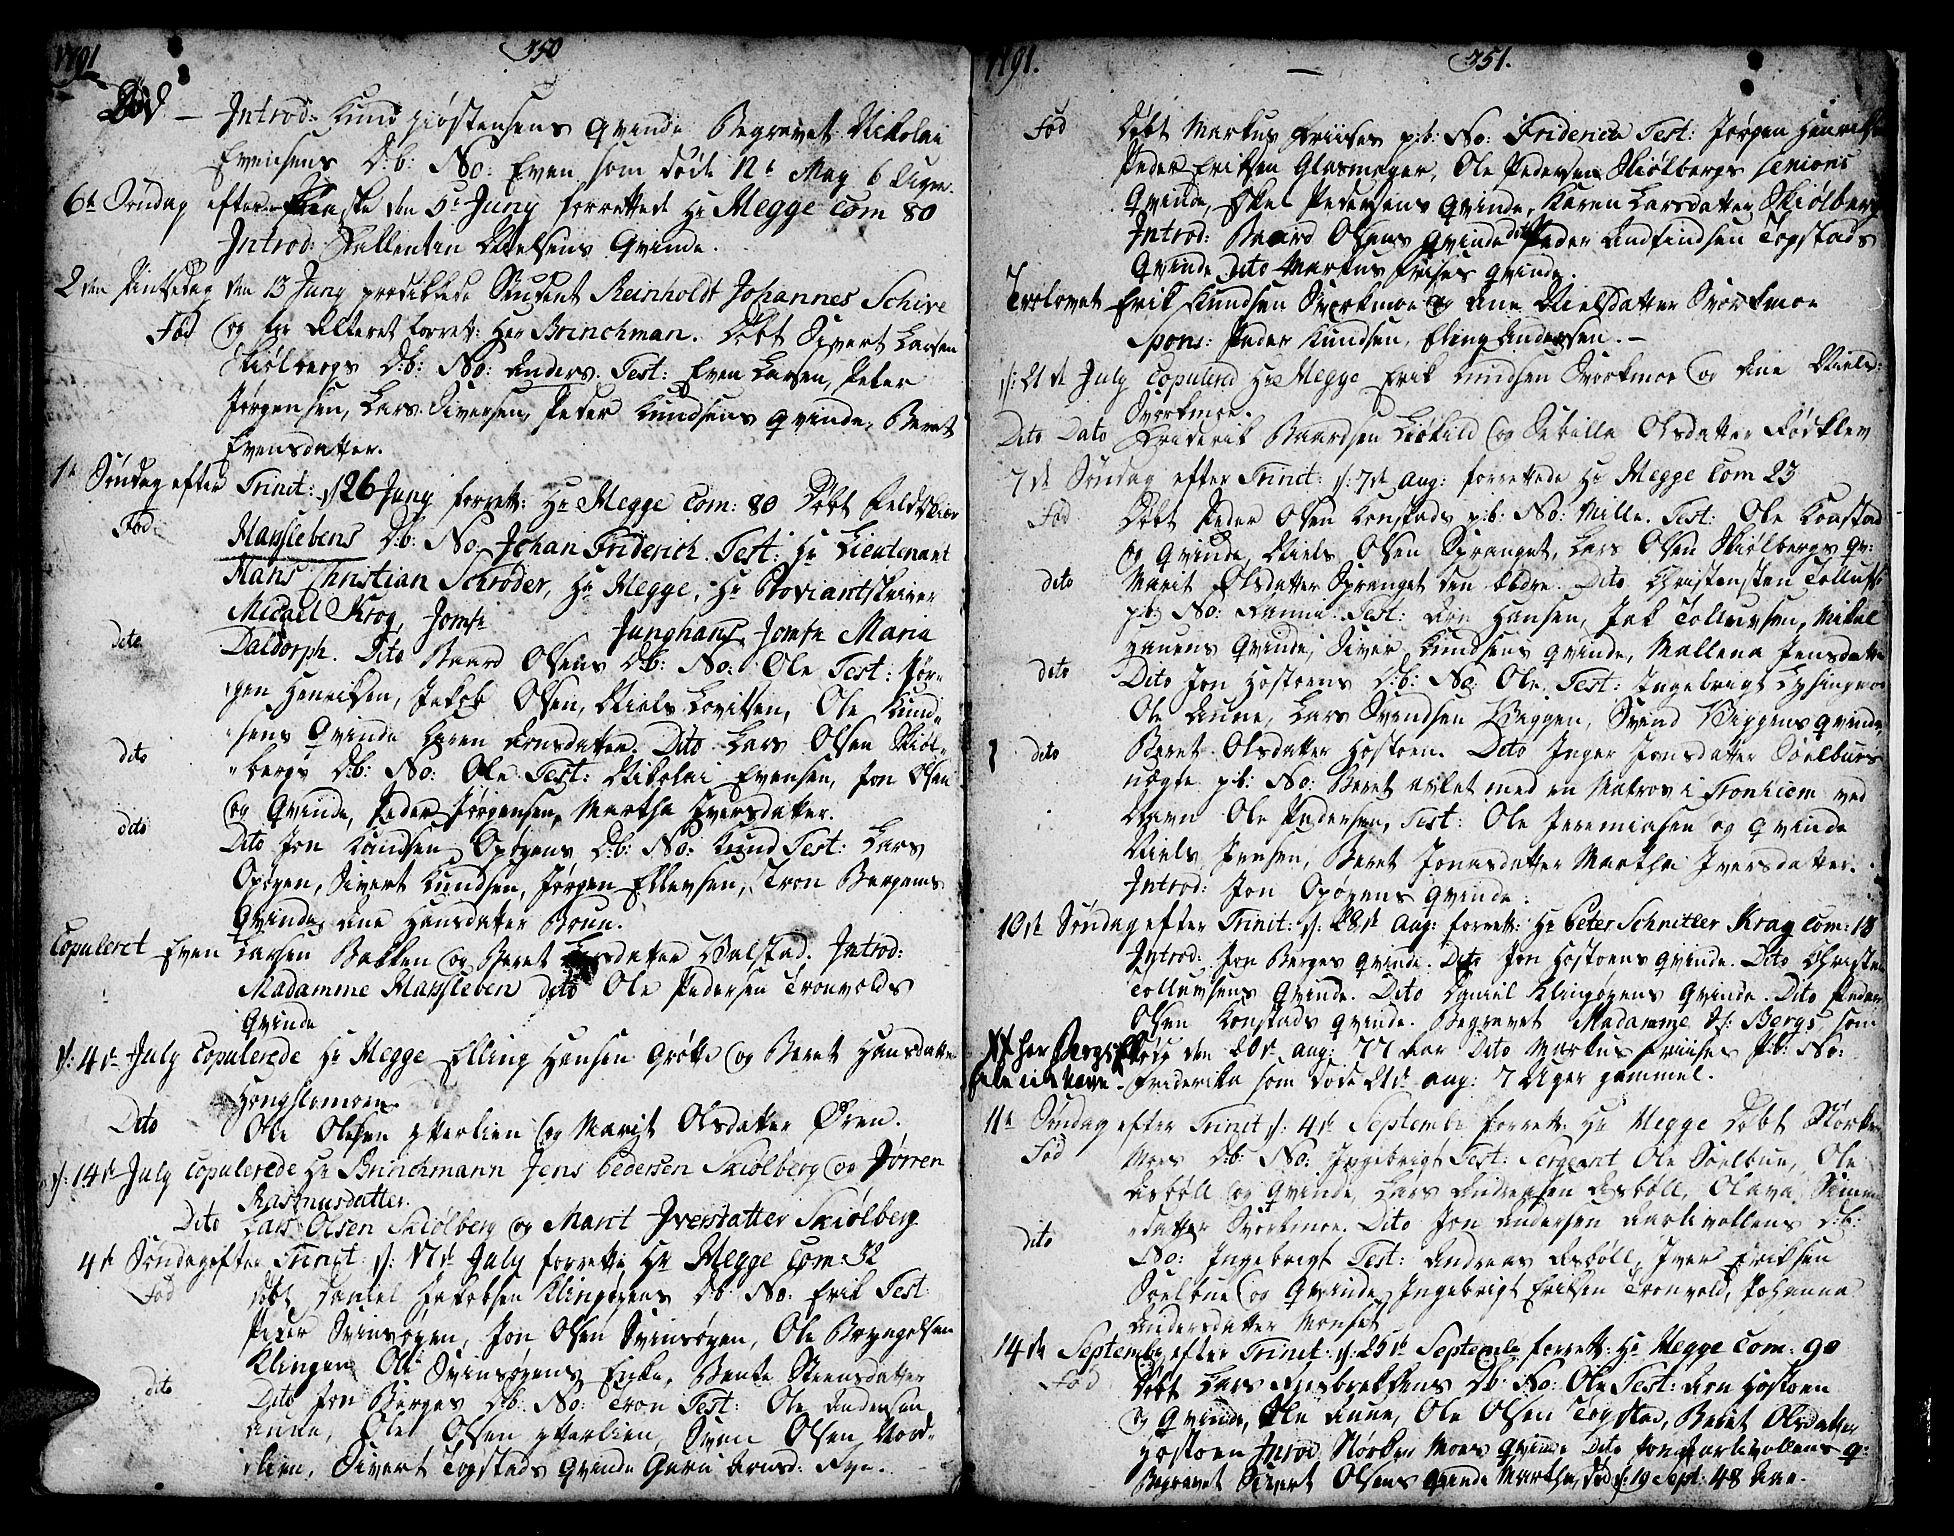 SAT, Ministerialprotokoller, klokkerbøker og fødselsregistre - Sør-Trøndelag, 671/L0840: Ministerialbok nr. 671A02, 1756-1794, s. 350-351